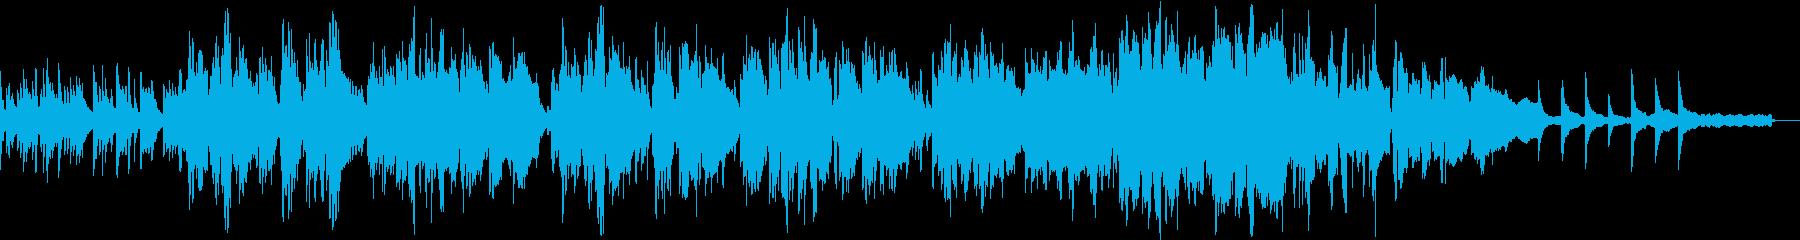 優しいクラリネットとピアノの癒やし曲の再生済みの波形